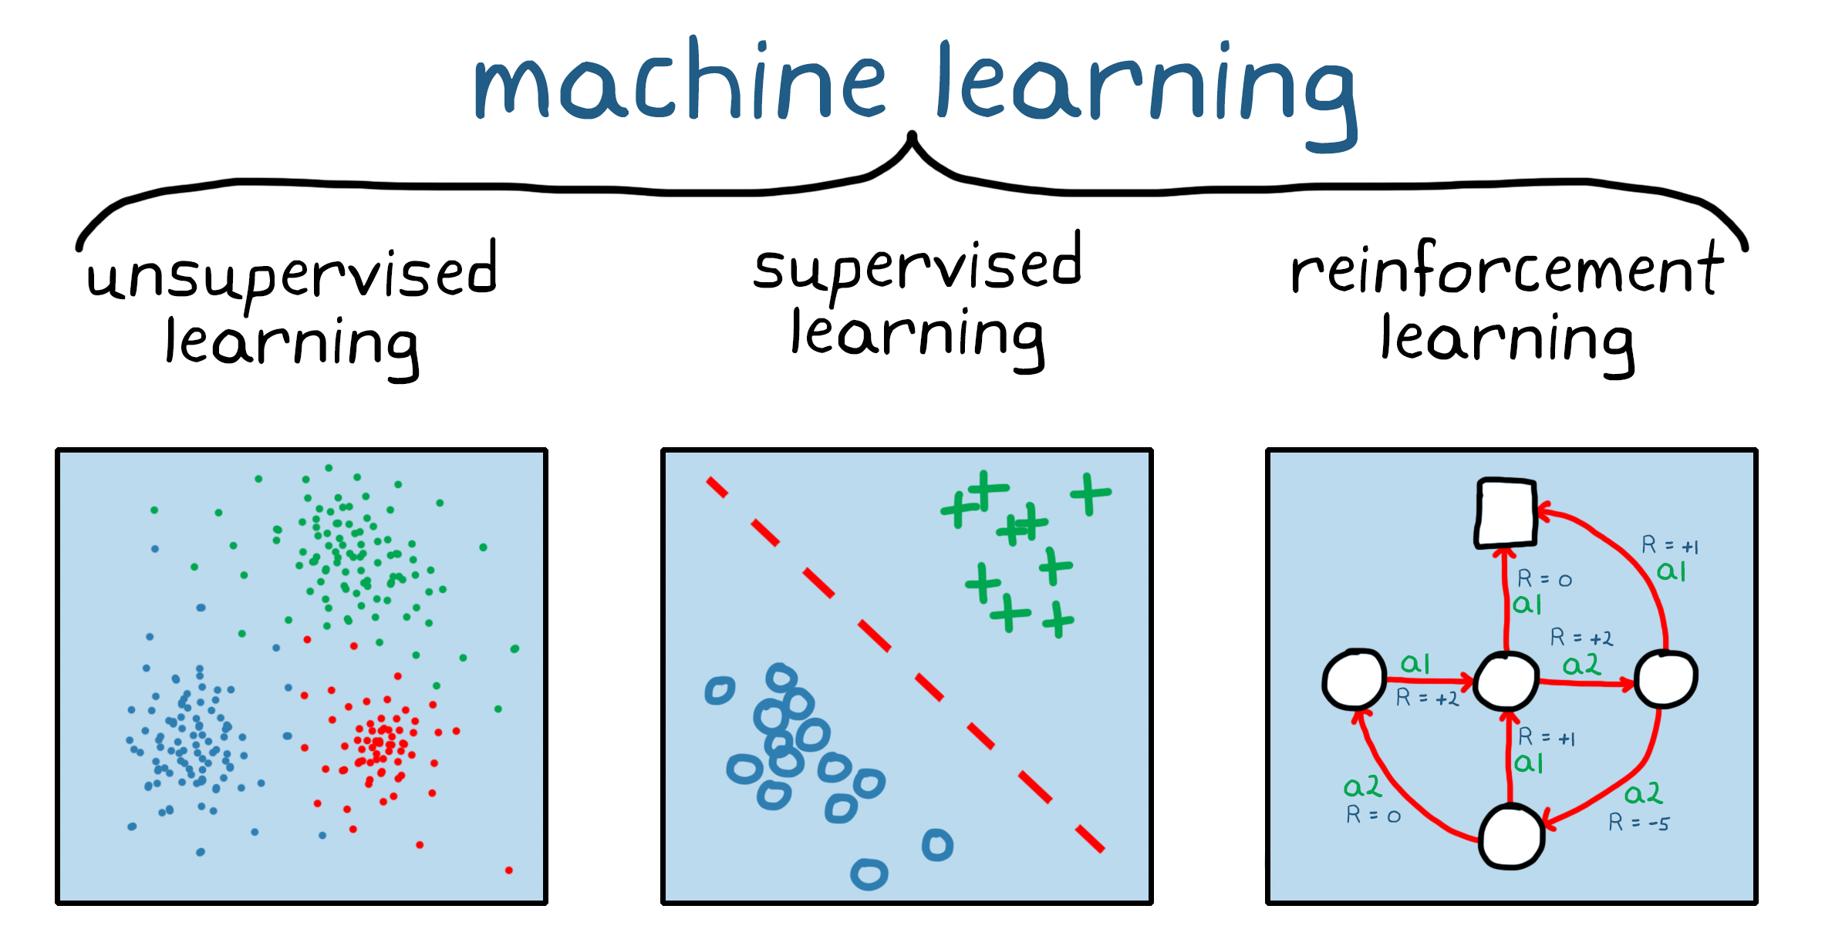 図 1. 機械学習の 3 つのカテゴリ: 教師なし学習、教師あり学習、強化学習